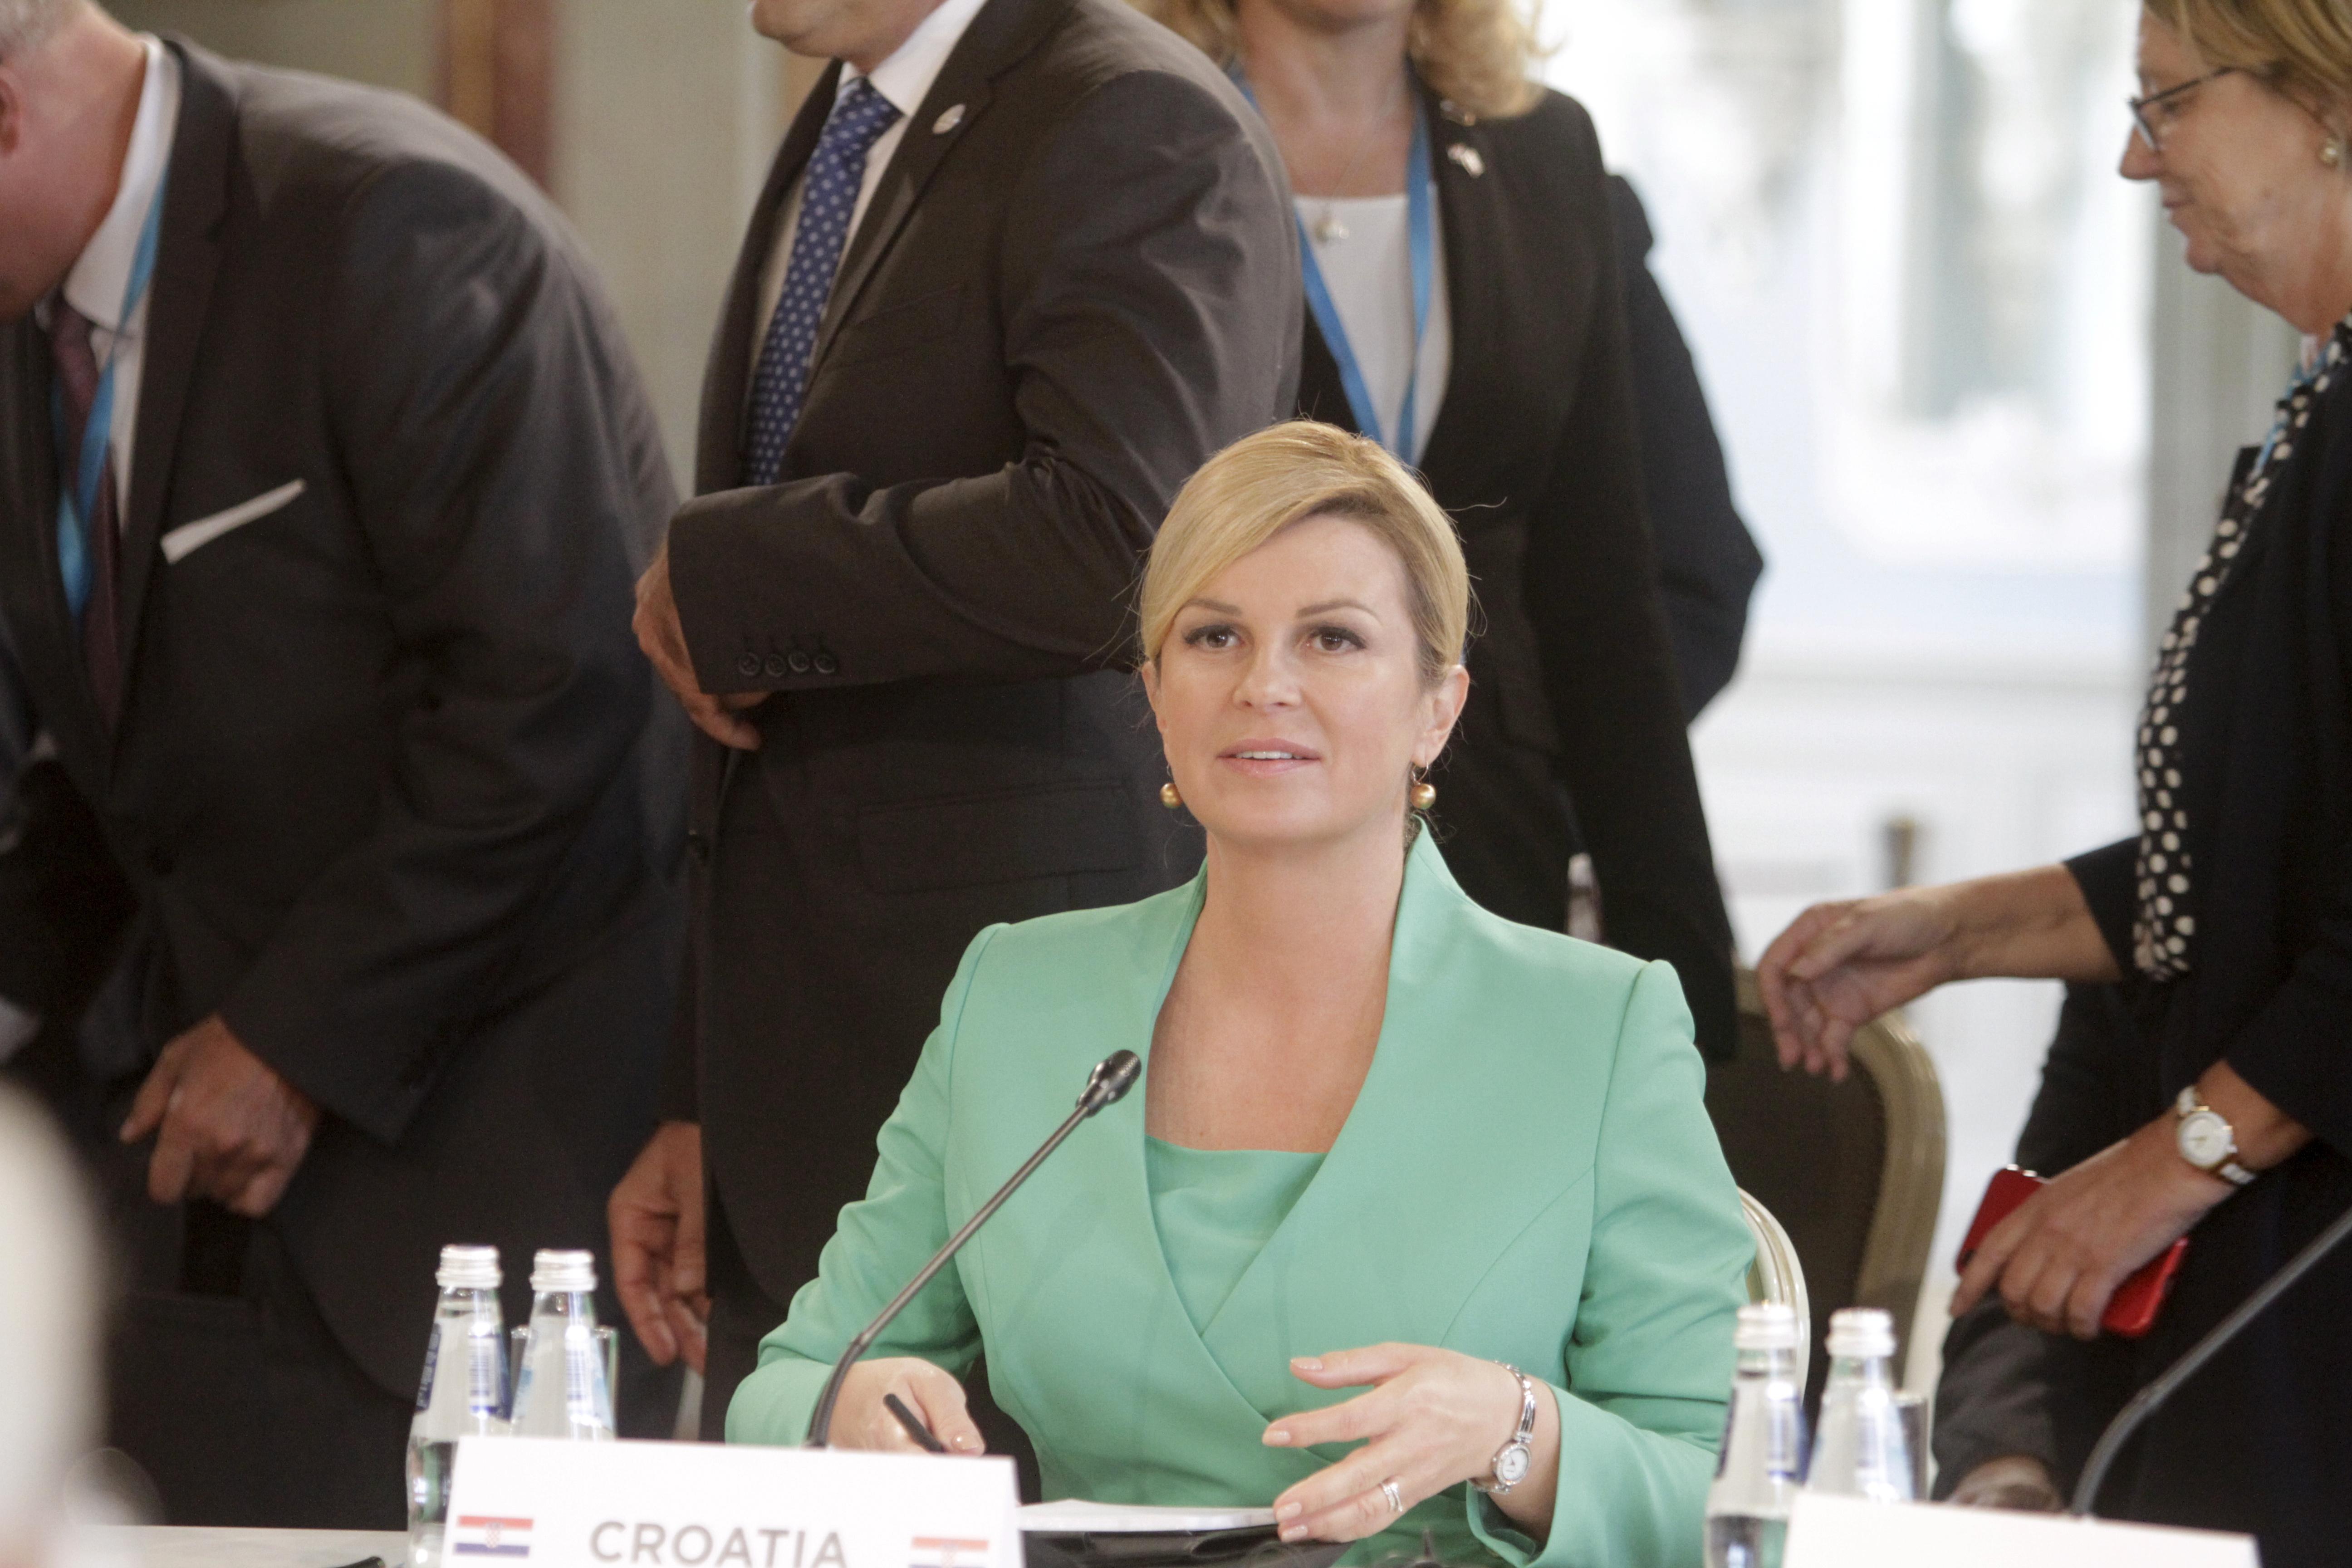 'Hrvatska podržava integriranu Europu kojom ne dominiraju nacionalni interesi'